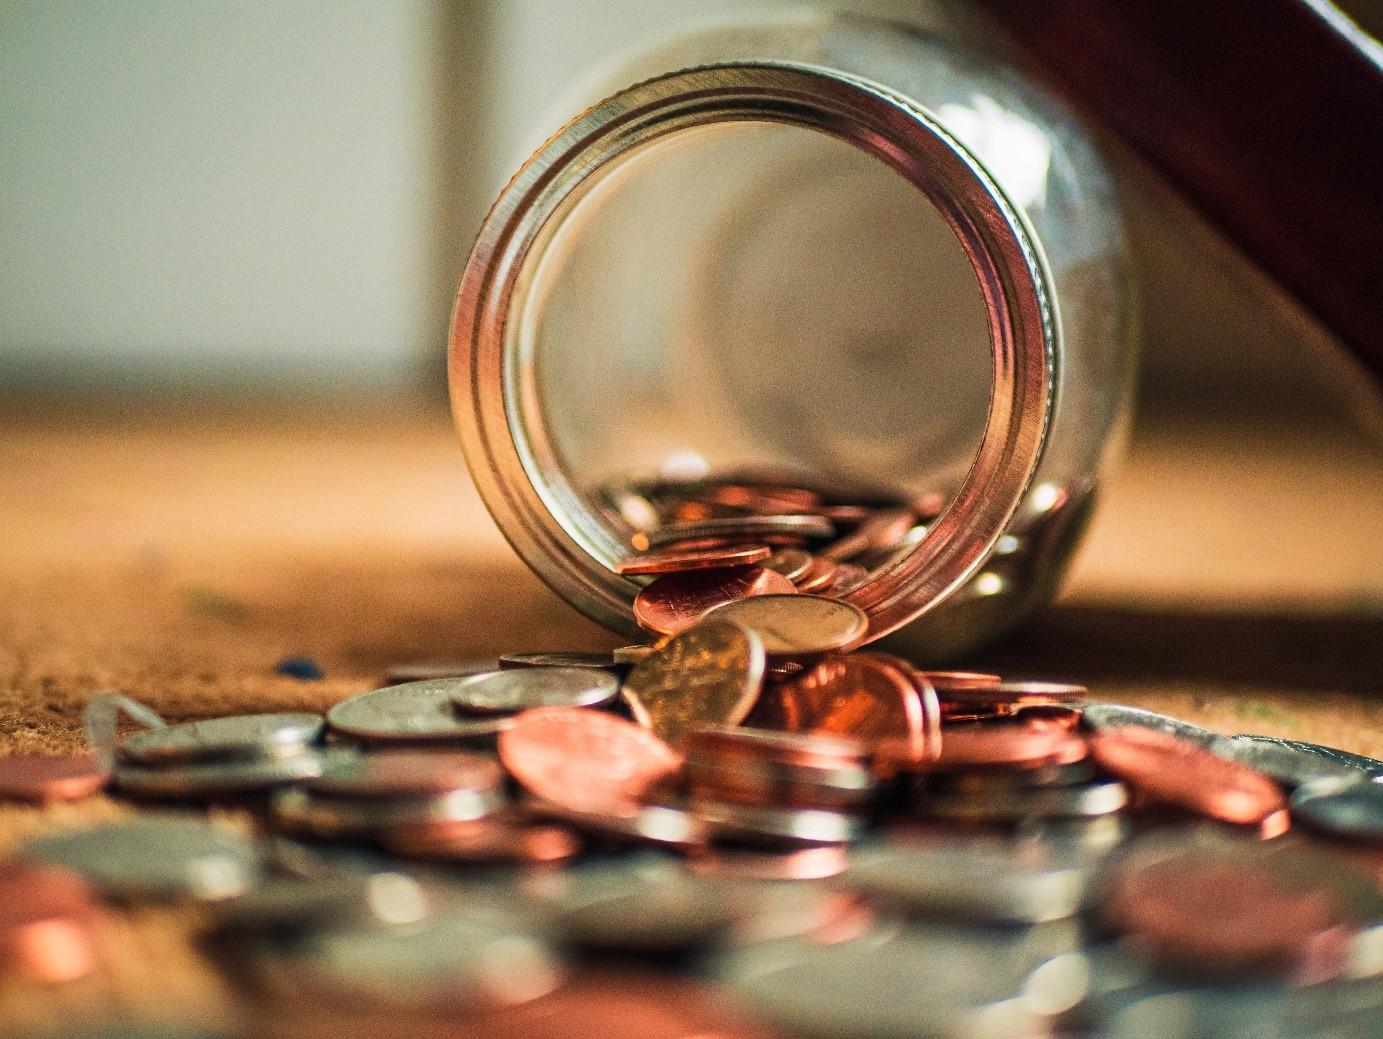 Télémédecine: ça coûte combien pour une IDEL?